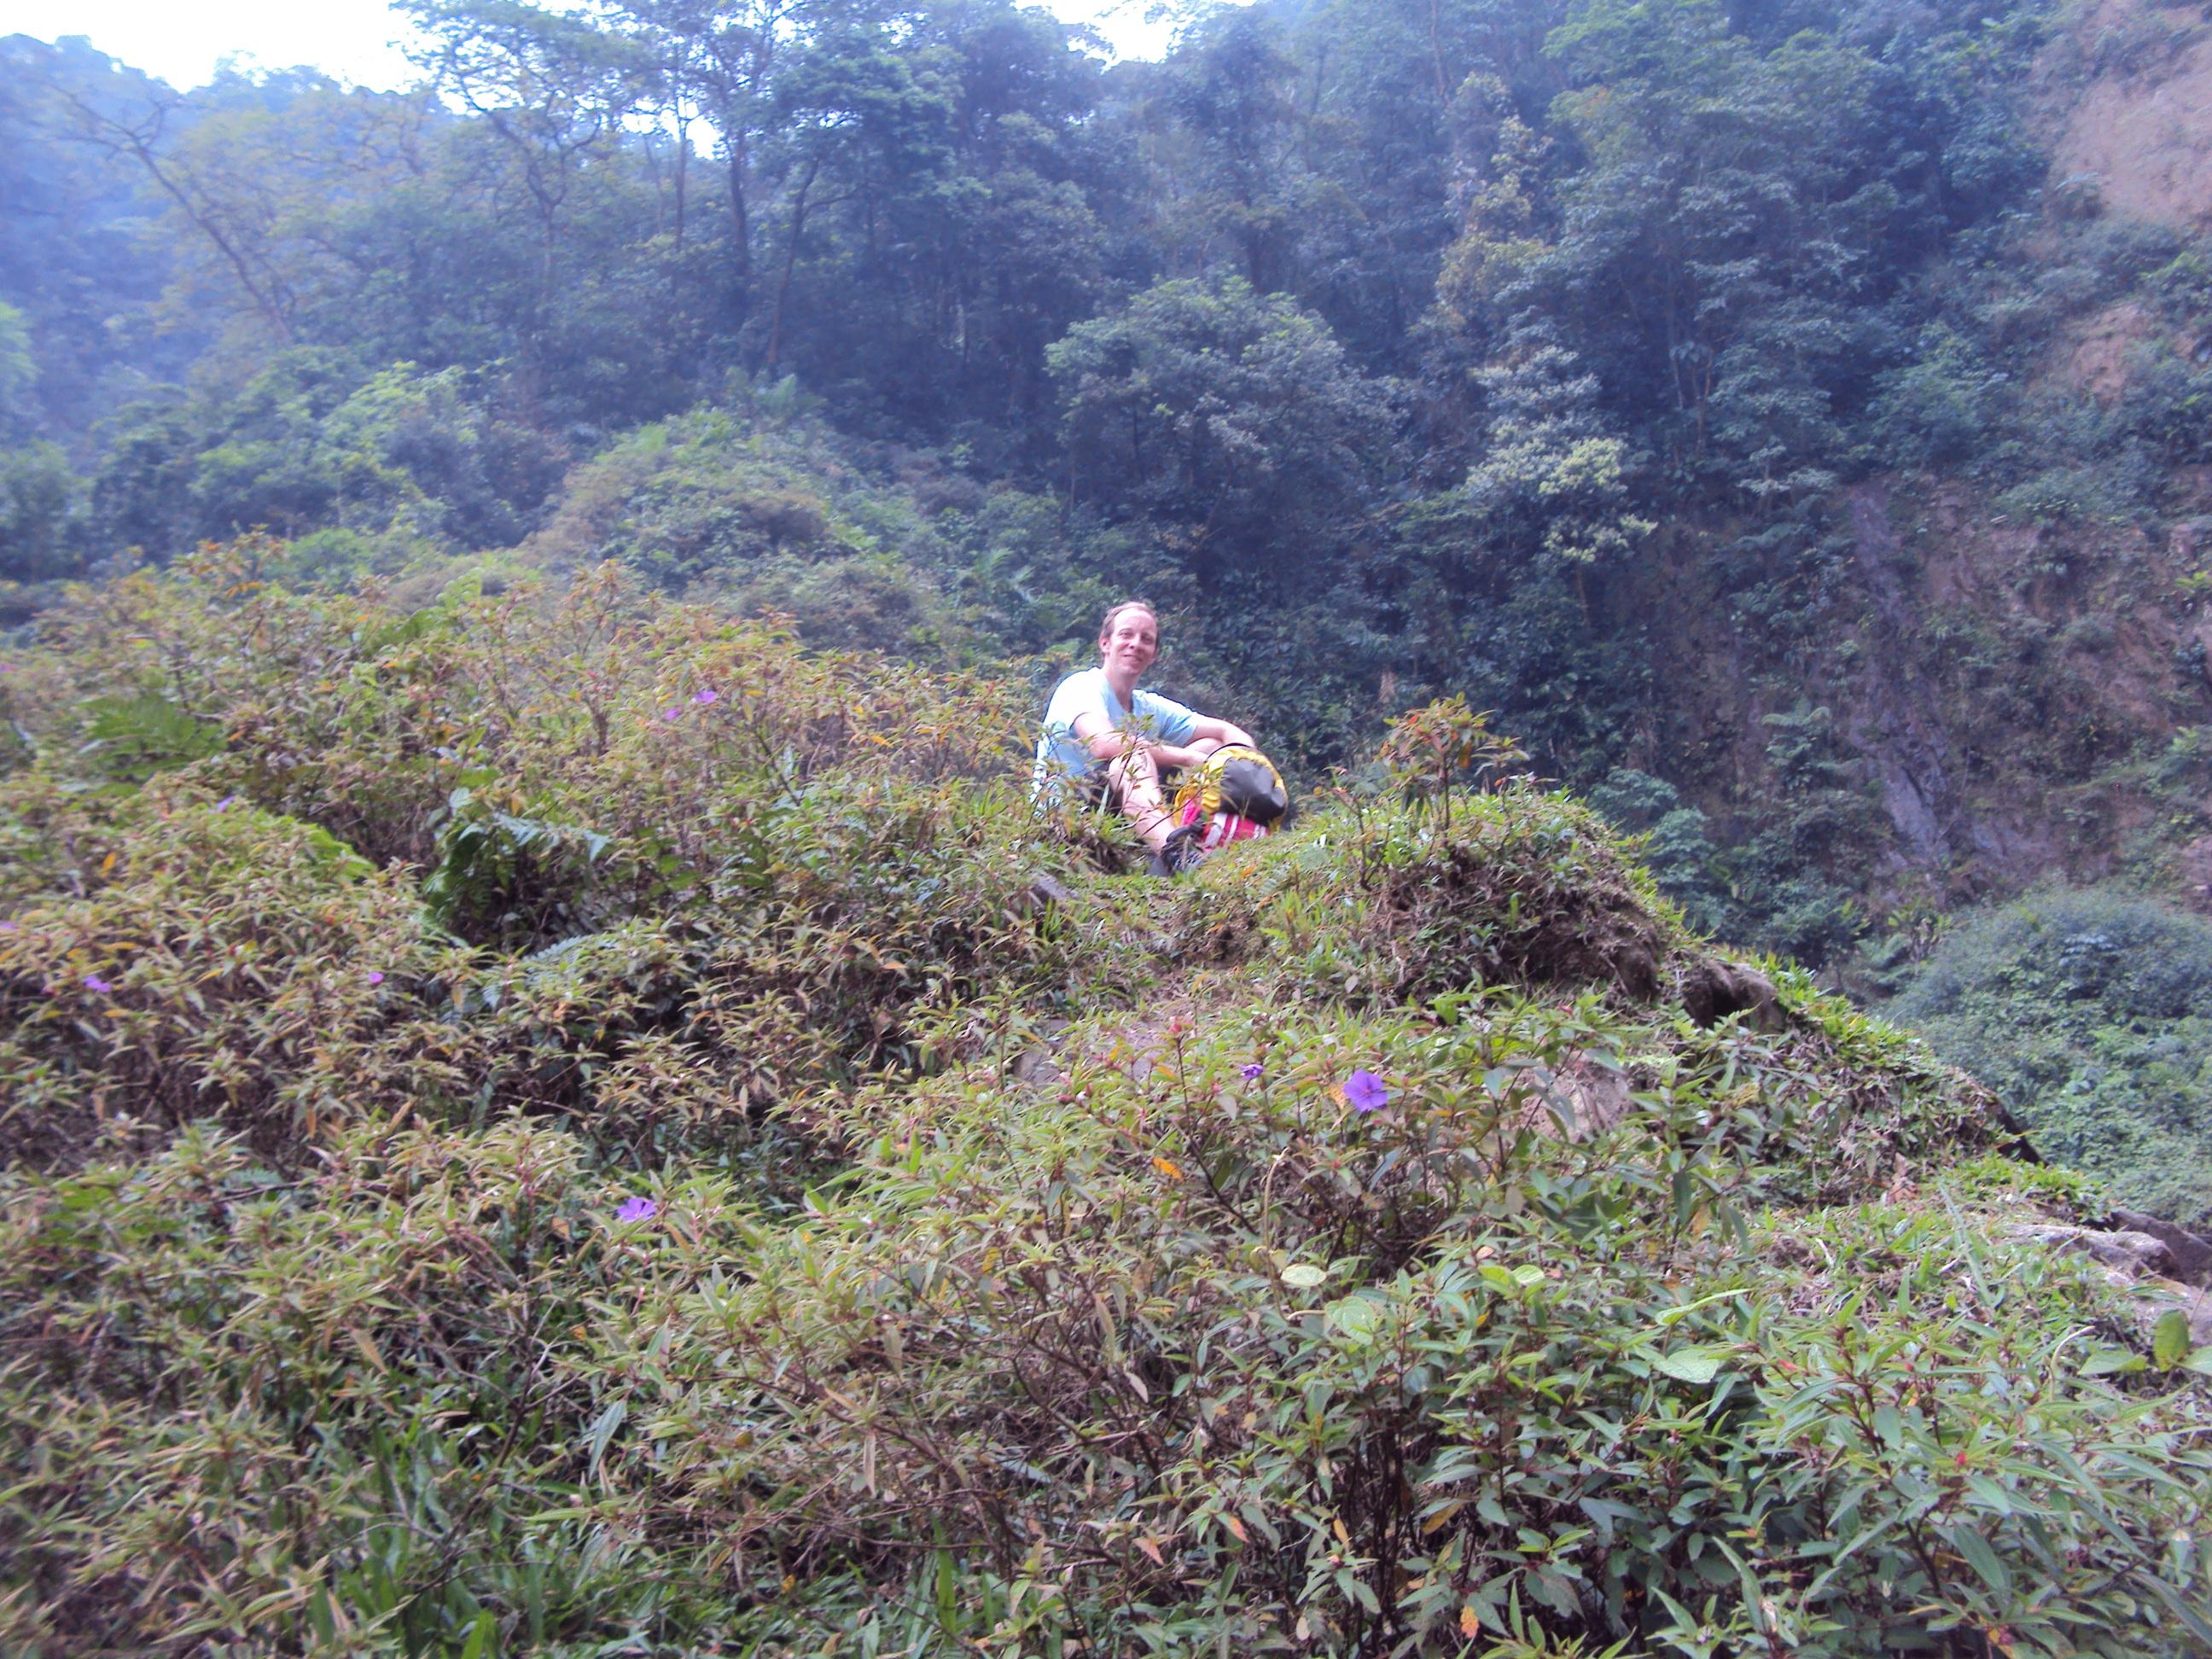 Vale das cachoeiras novembro 2014 050.jpg